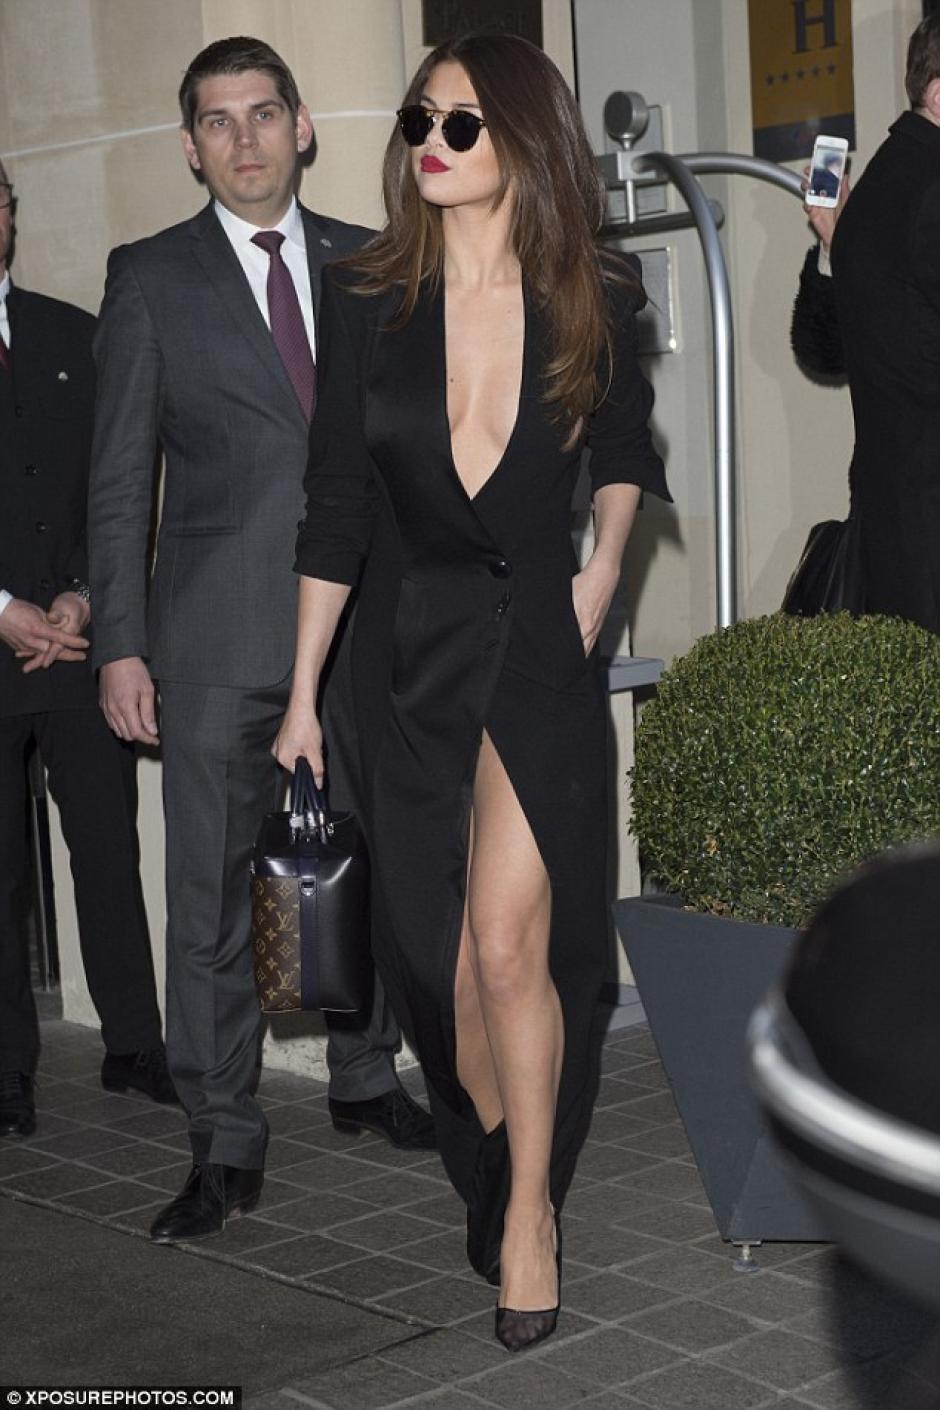 La cantante dejó con la boca abierta a todos con su vestuario. (Foto: dailymail.co.uk)